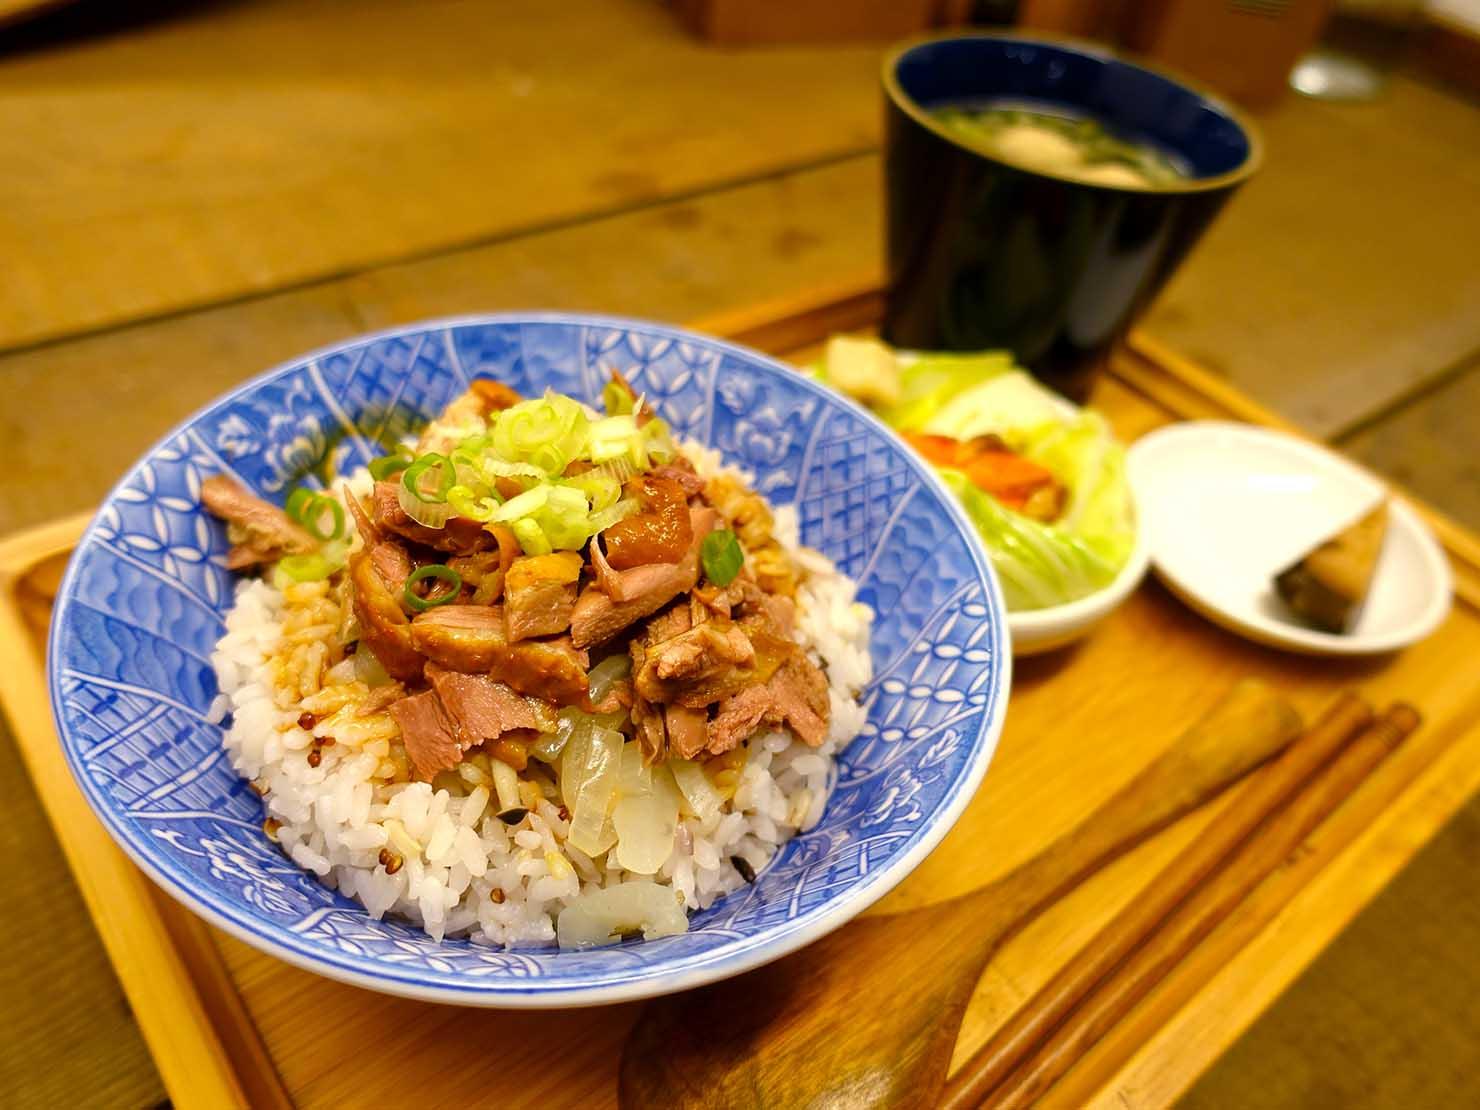 嘉義のおすすめ観光スポット「檜意森活村」のレストラン・湯城鵝行の鵝肉飯套餐